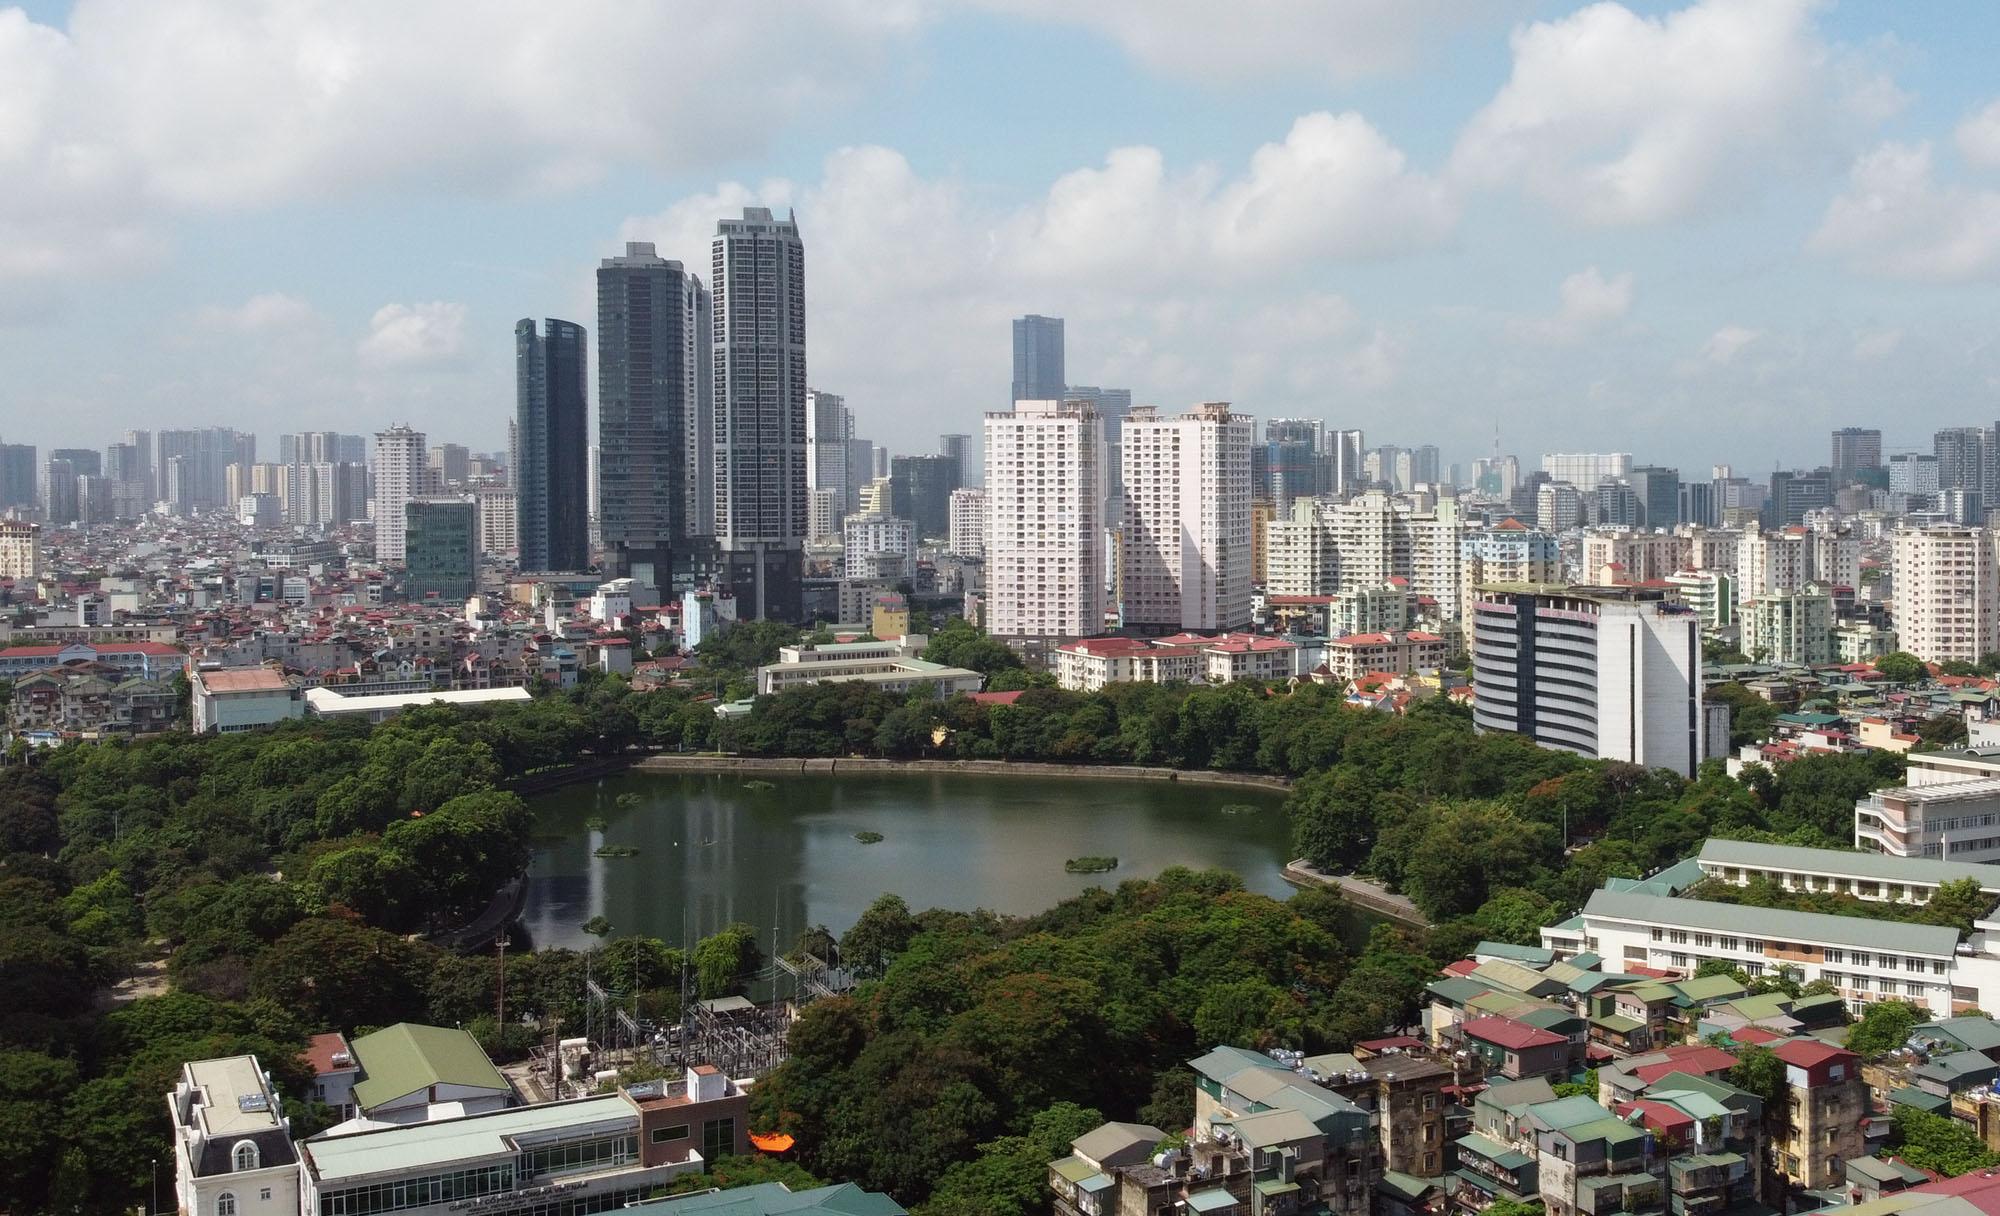 Thủ tướng phê duyệt đề án trồng một tỷ cây xanh trong 5 năm - Ảnh 1.